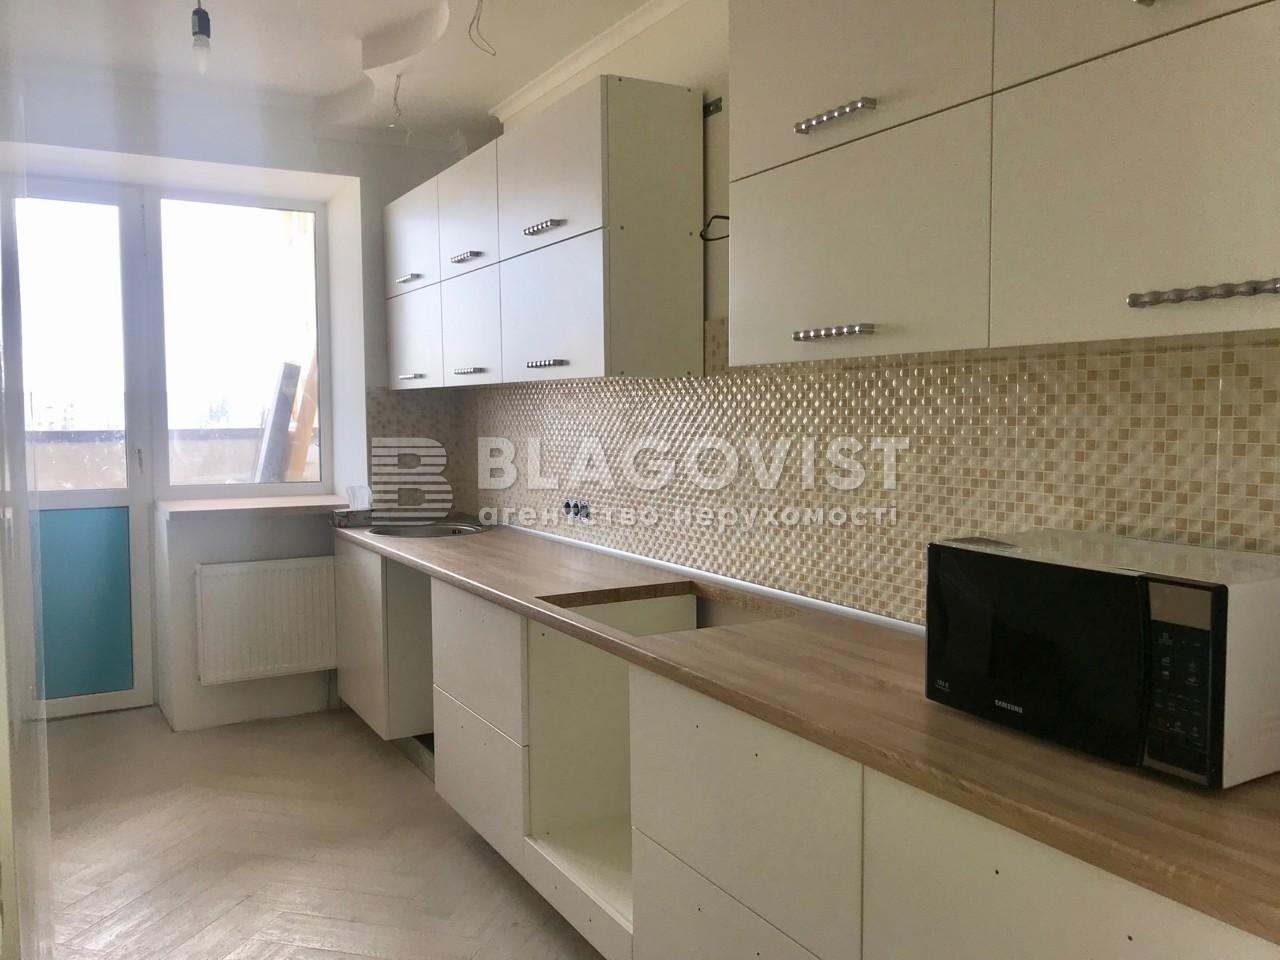 Квартира F-23904, Харченко Евгения (Ленина), 47б, Киев - Фото 1